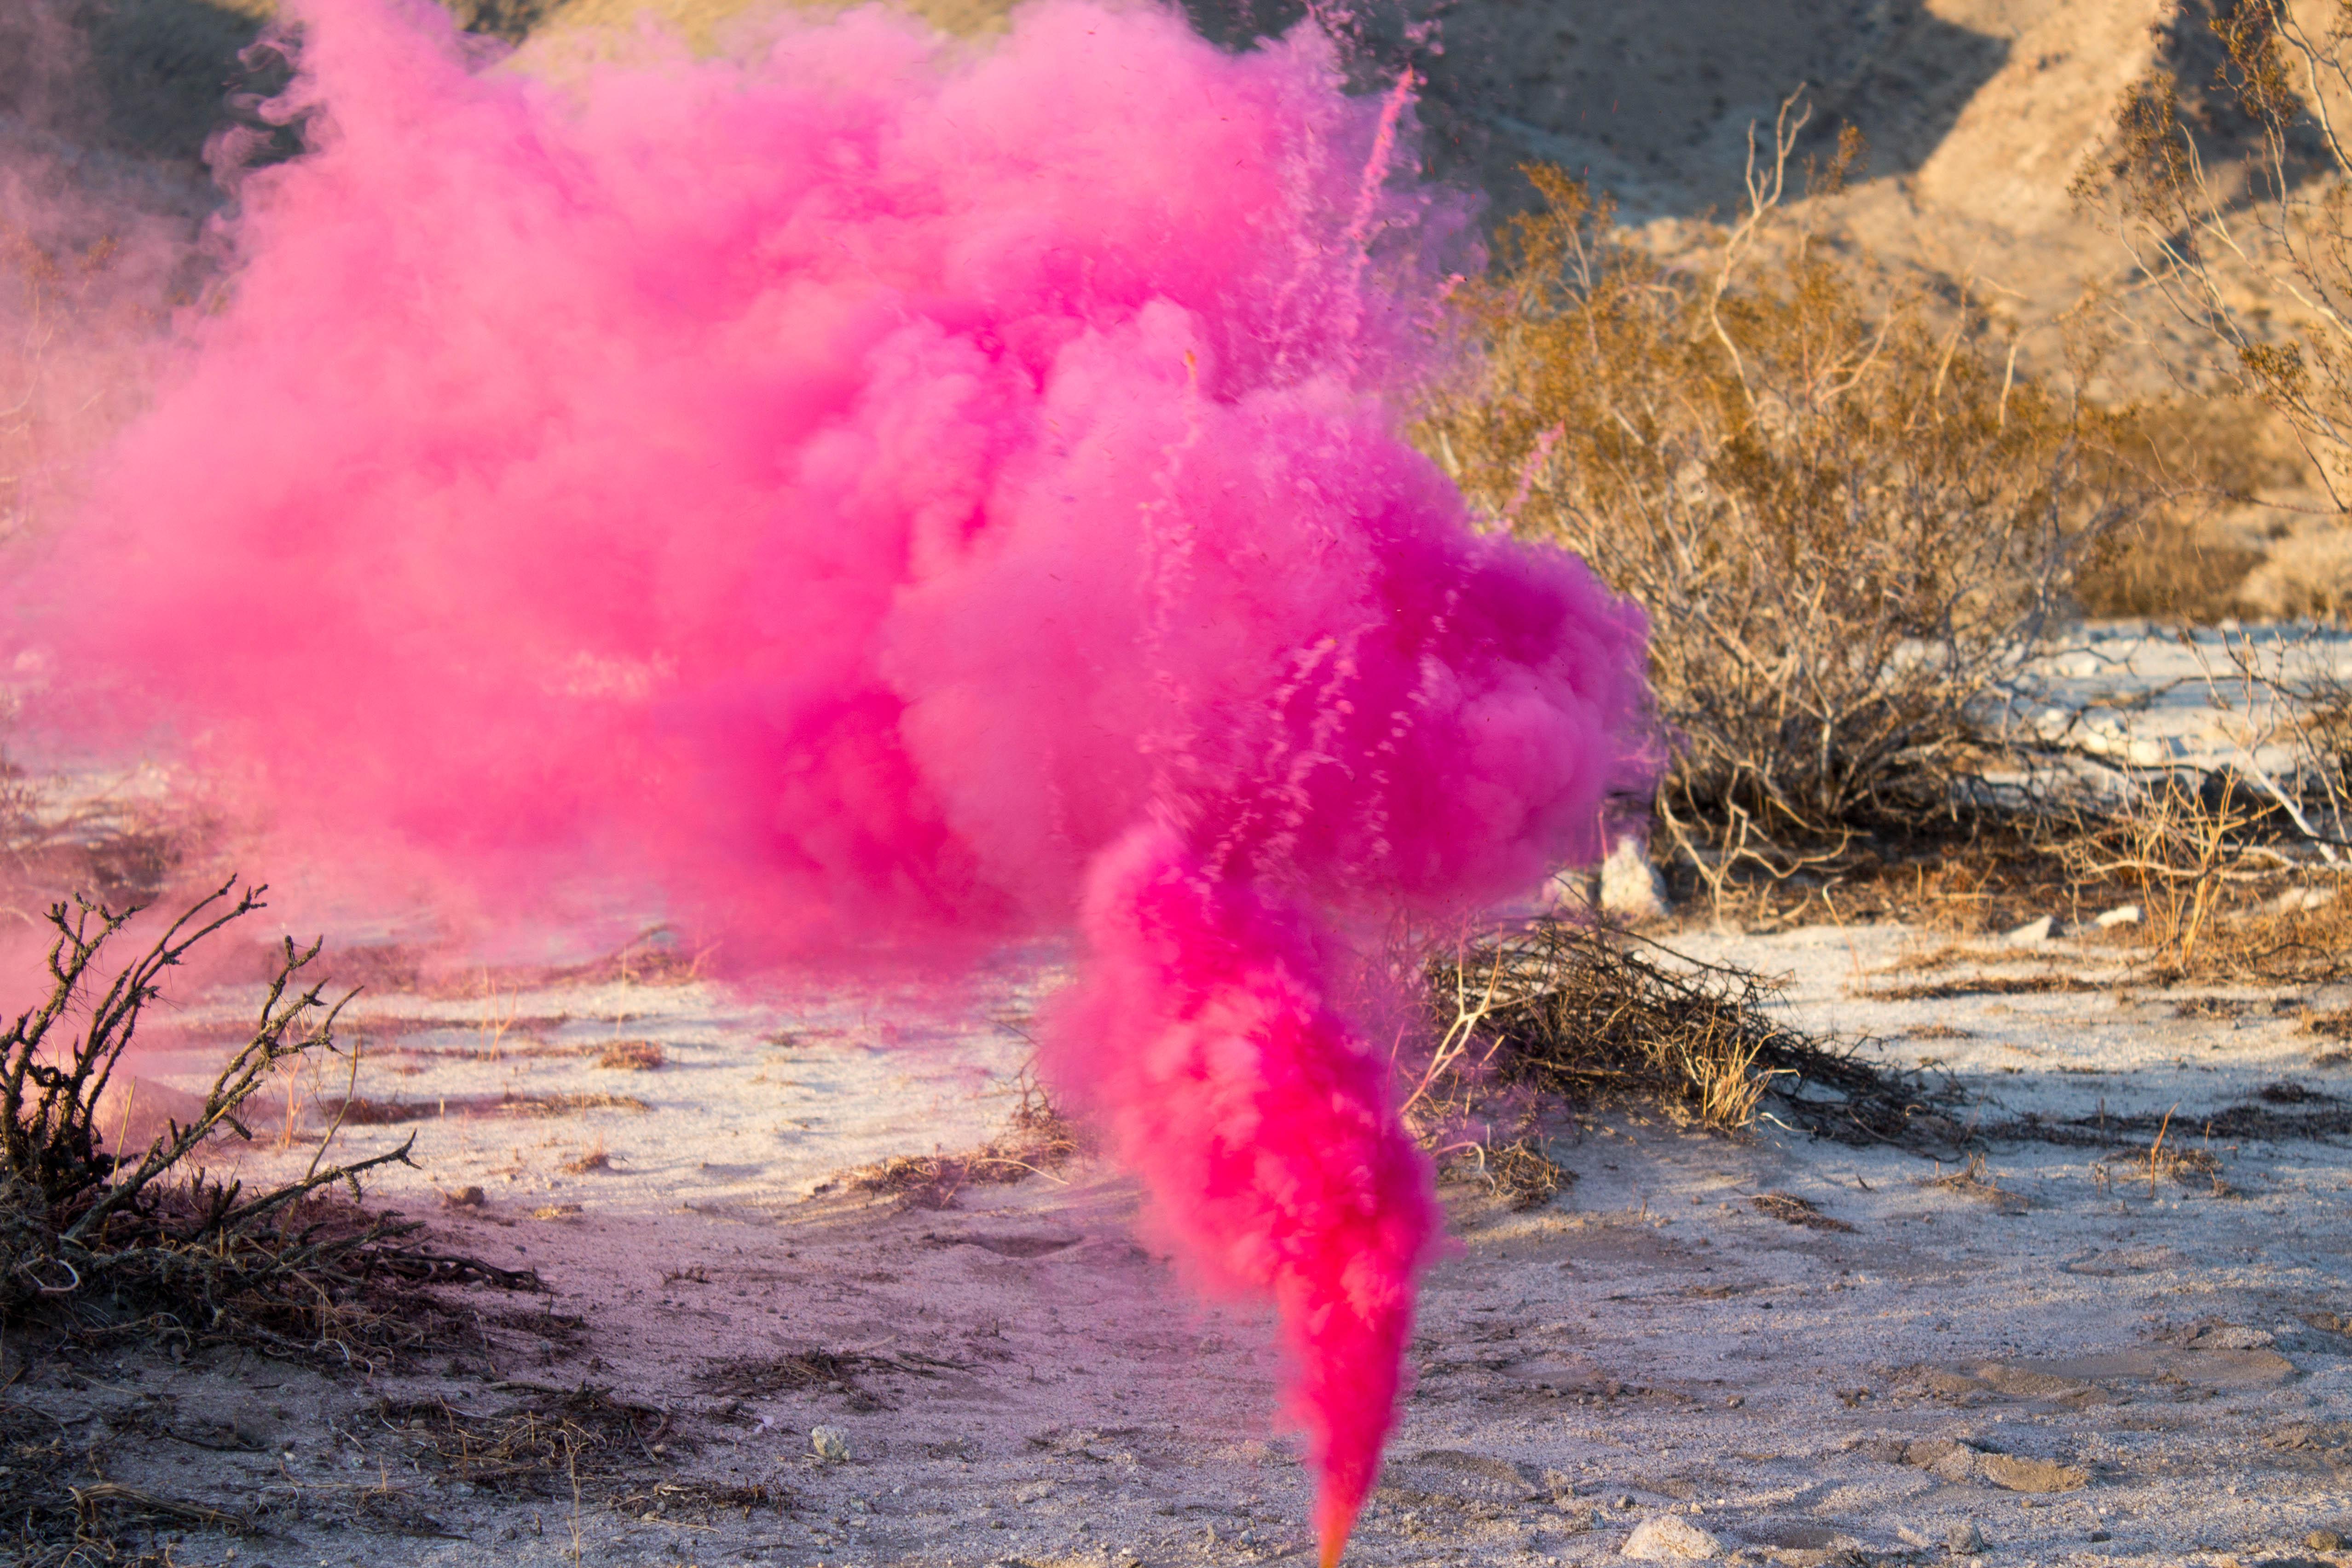 Цветной дым для фотосессий всего от 25 руб.